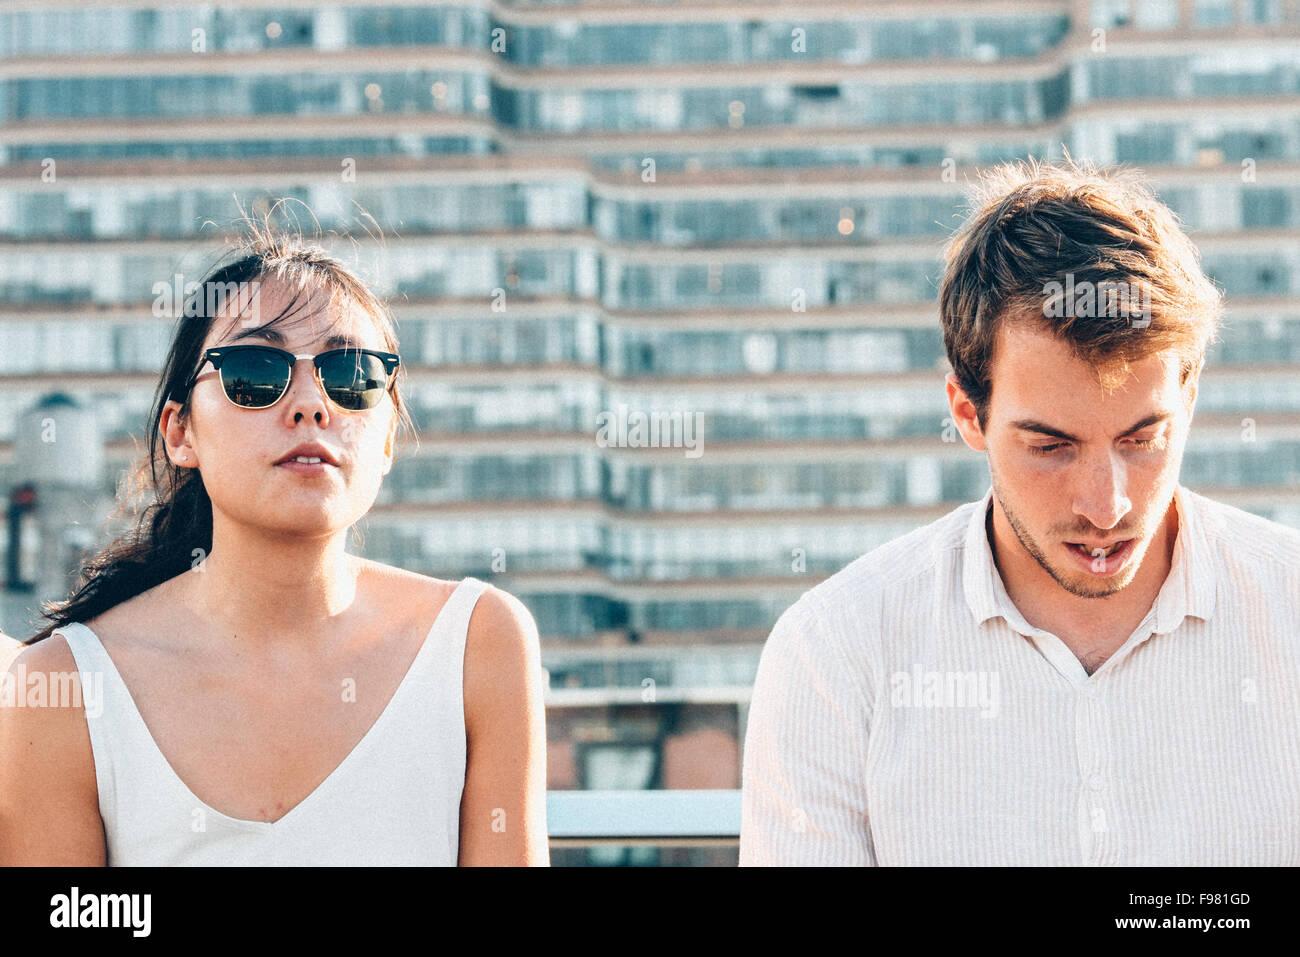 L uomo e la donna in città Immagini Stock